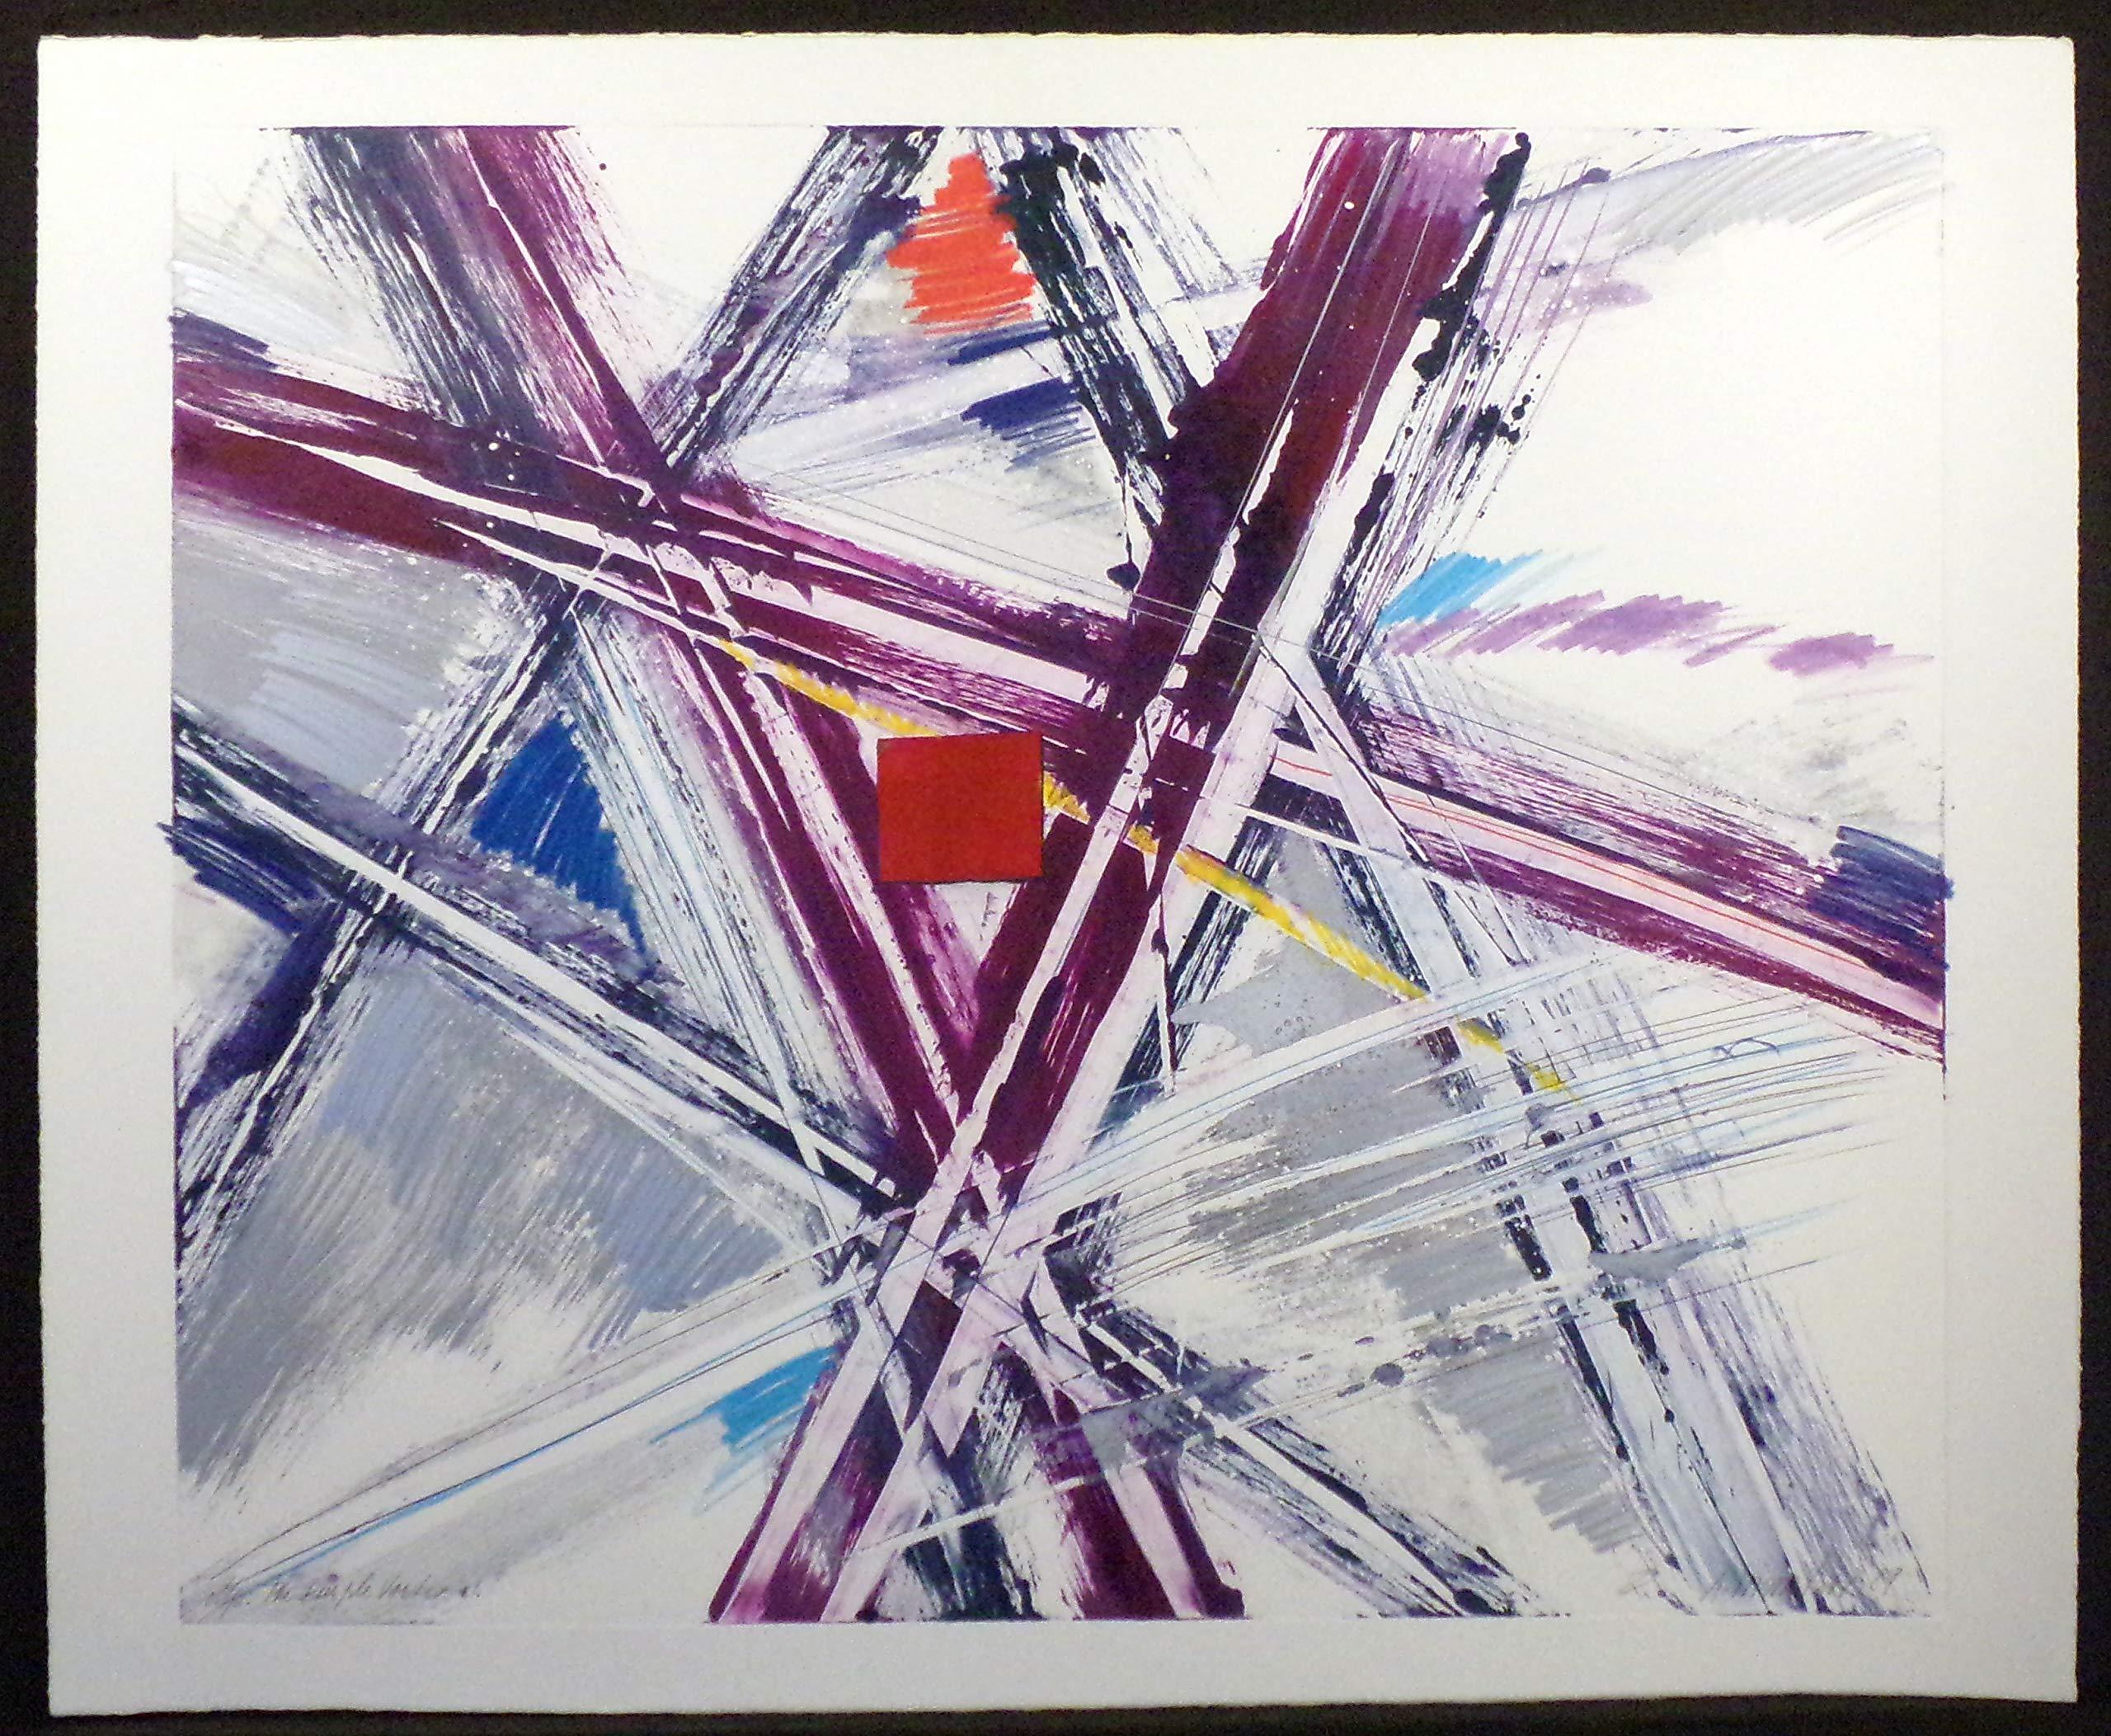 The Purple Vortex #1 by